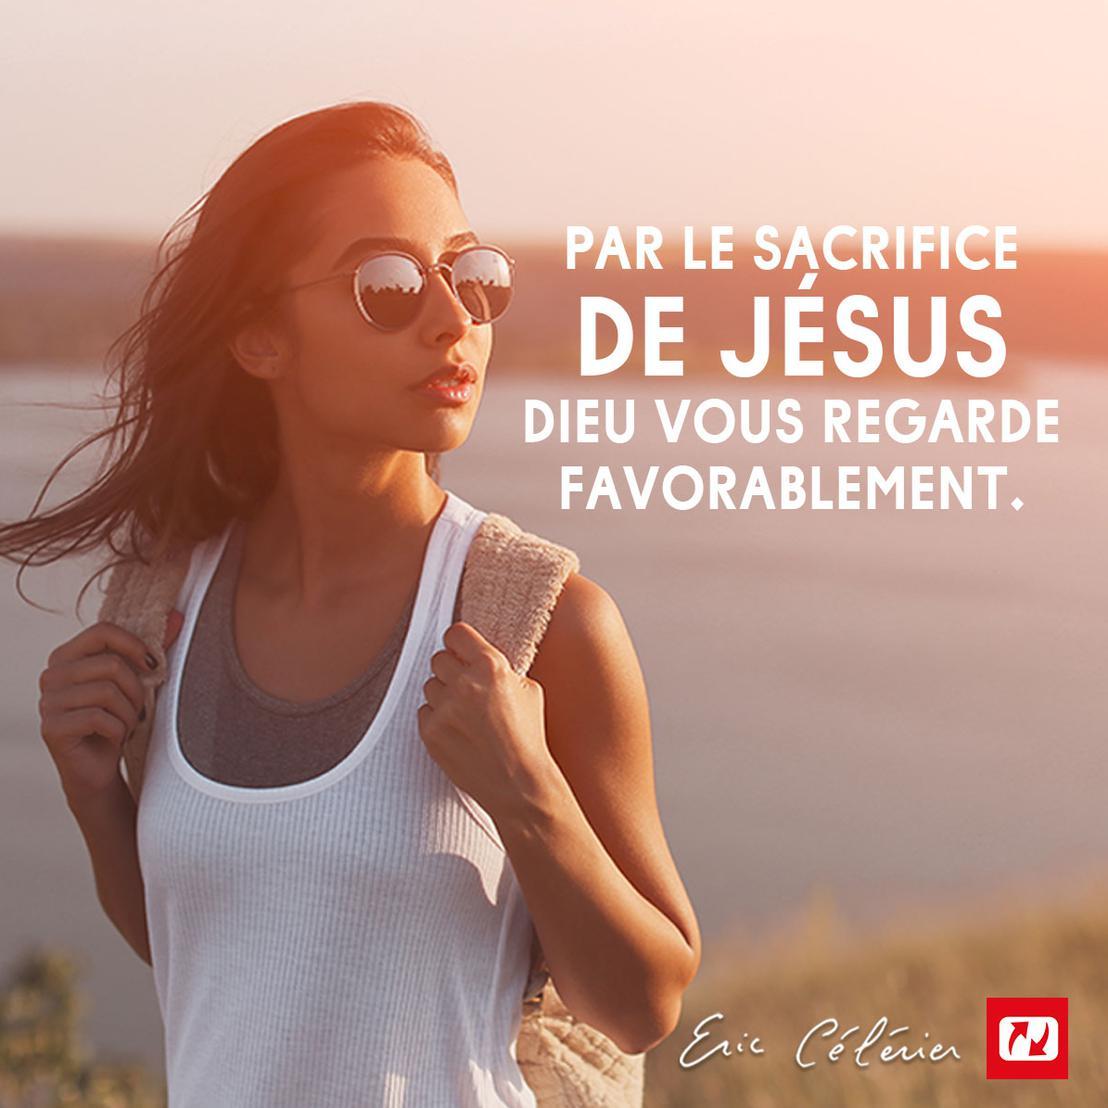 Mon ami(e), Dieu vous regarde favorablement